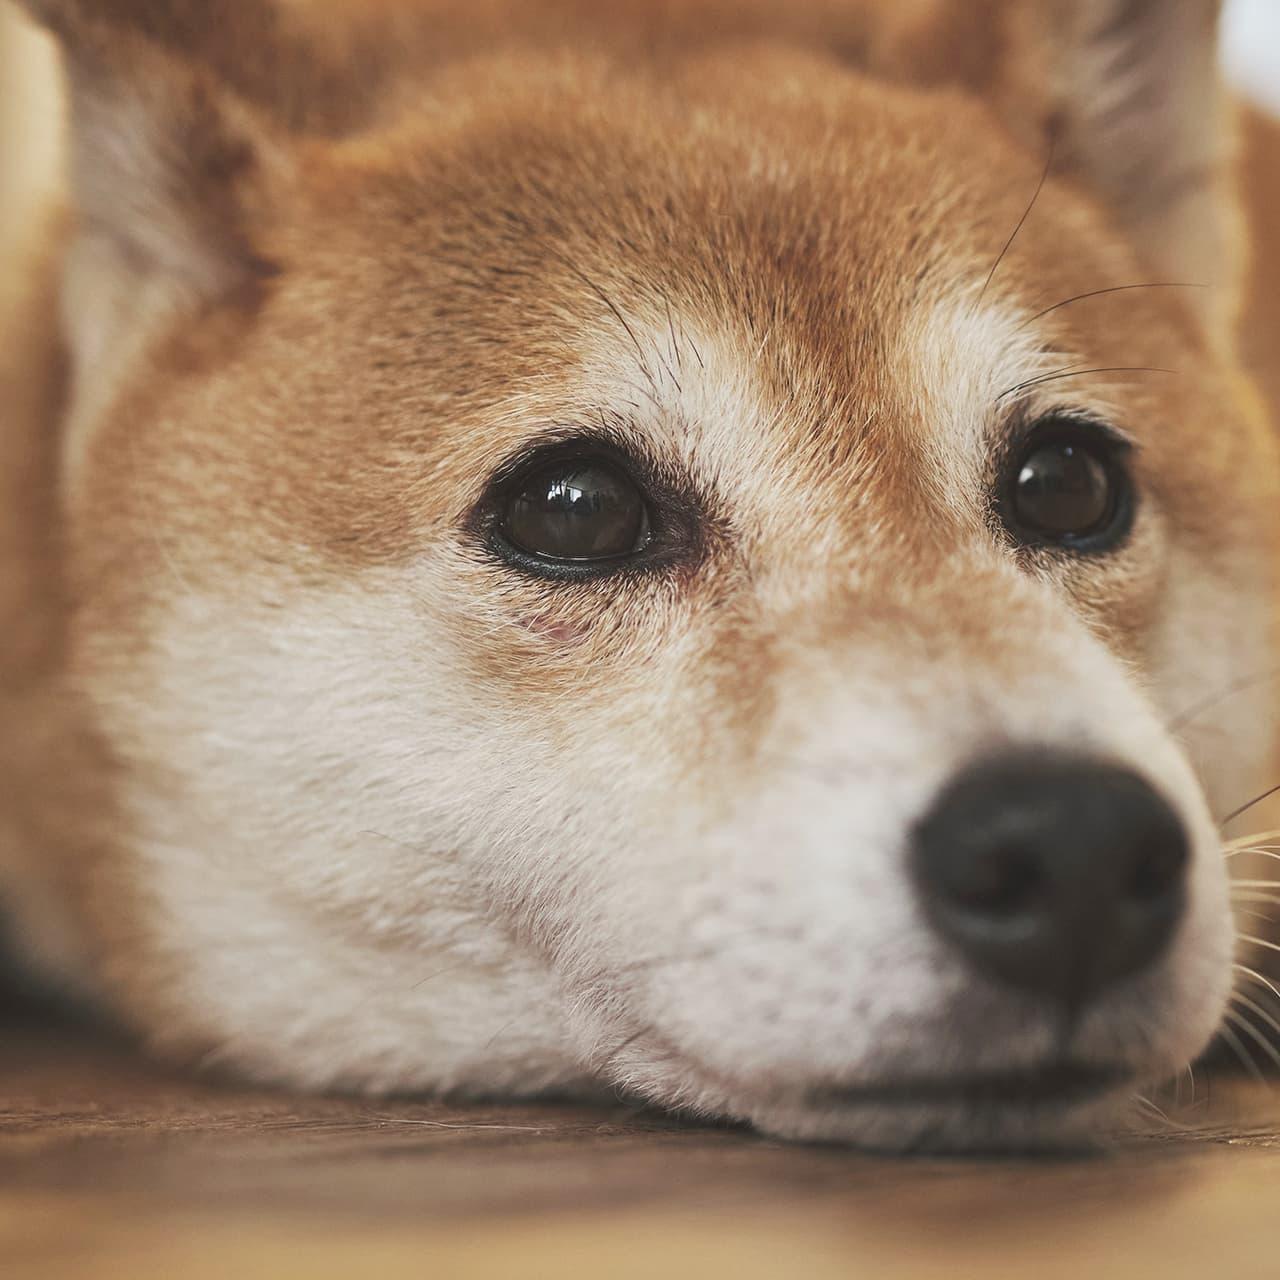 【保護柴との幸せな関係】わたしたちが保護犬について考えたいこと